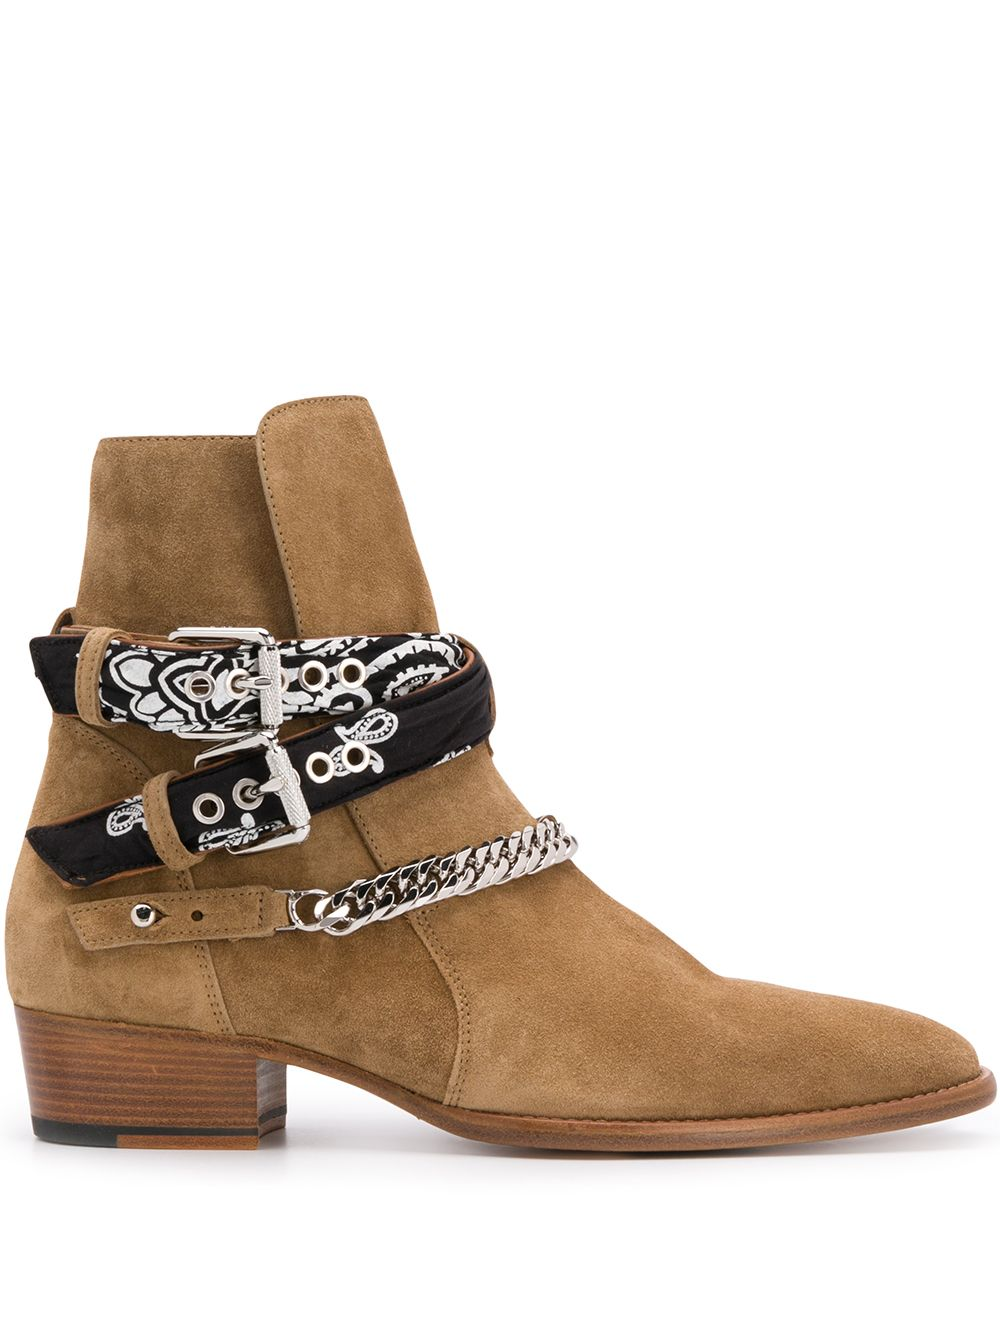 Bandana Buckle Boot